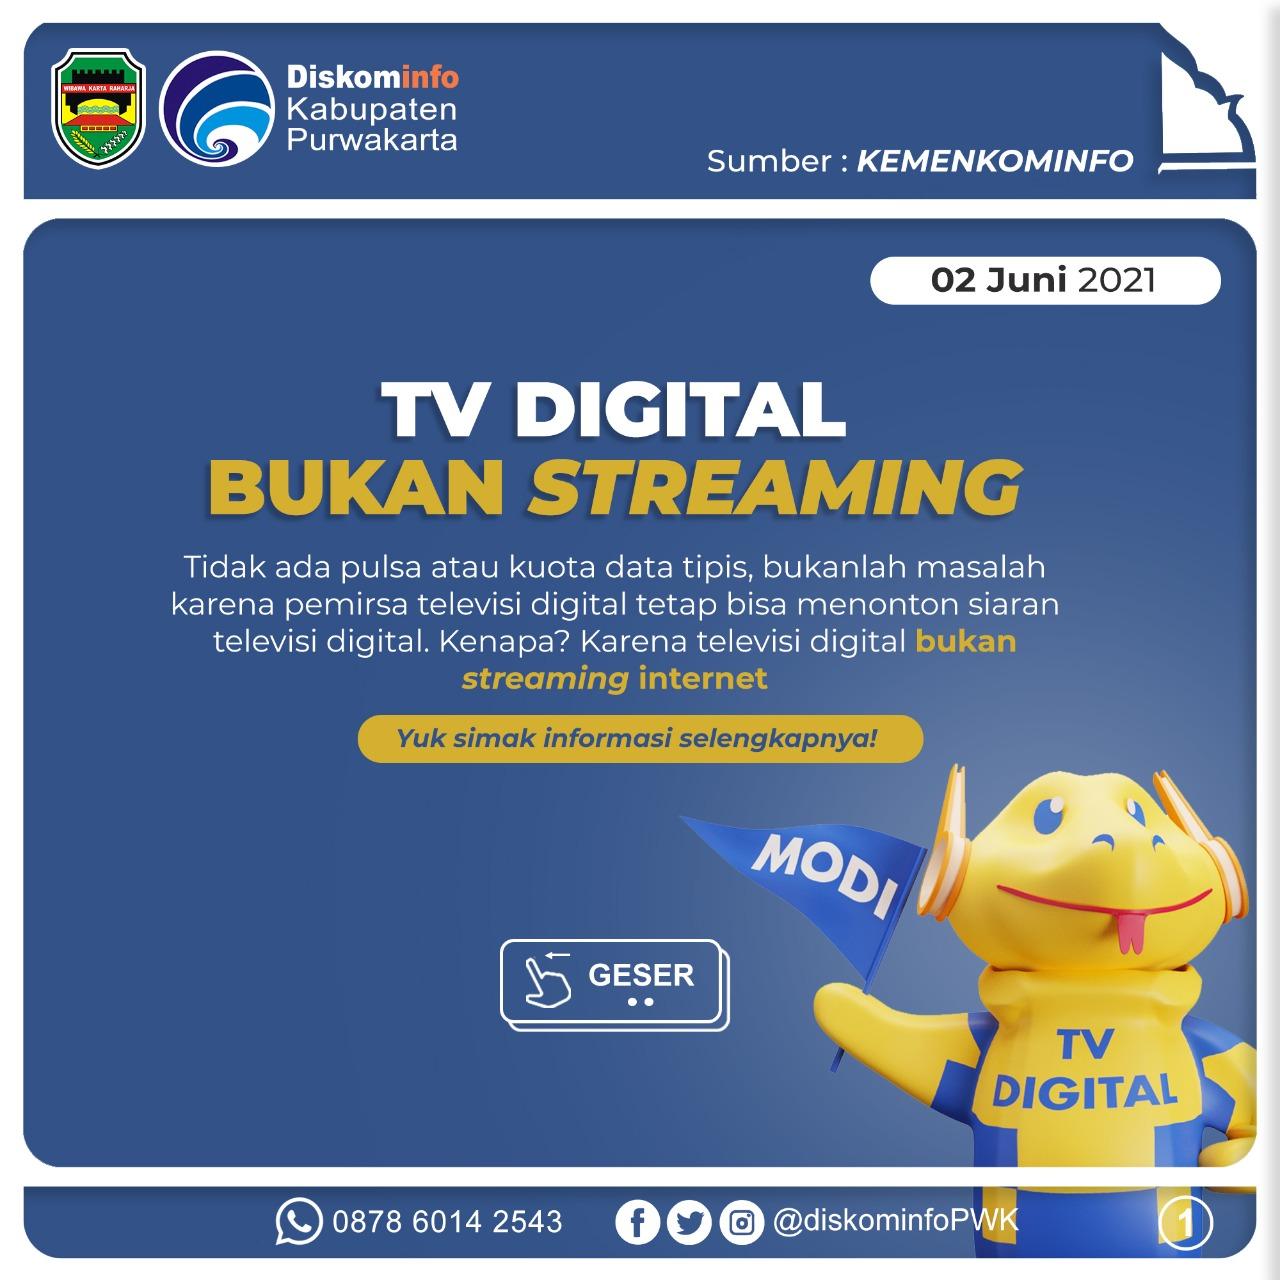 TV Digital Bukan Streaming